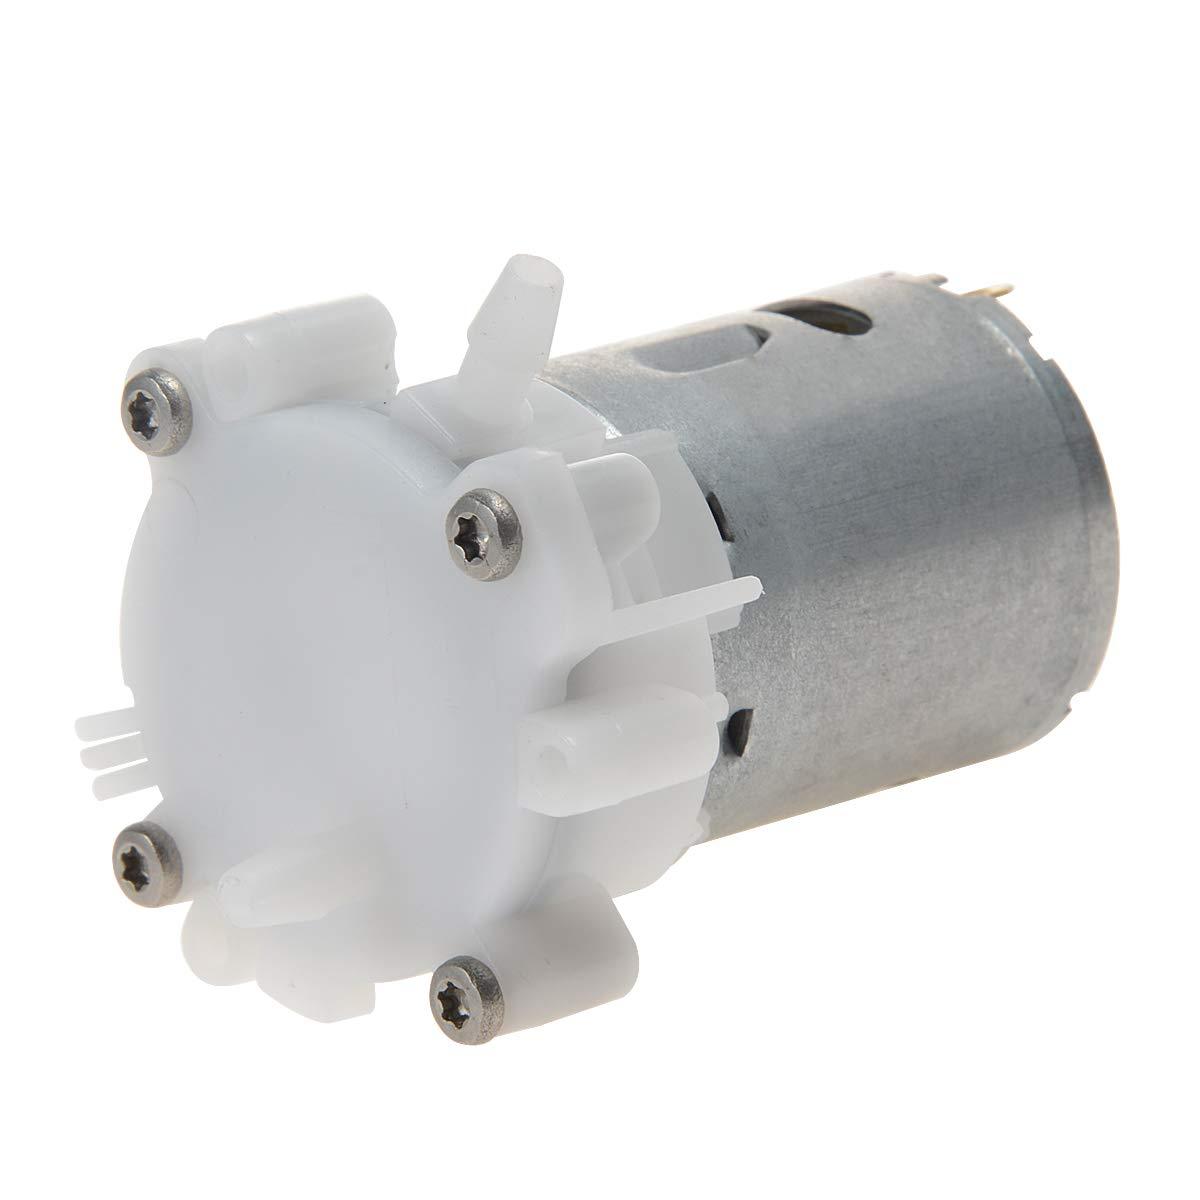 YXQ DC 3-12V Water Pumping Electric Micro Pump Motor RS-360SH